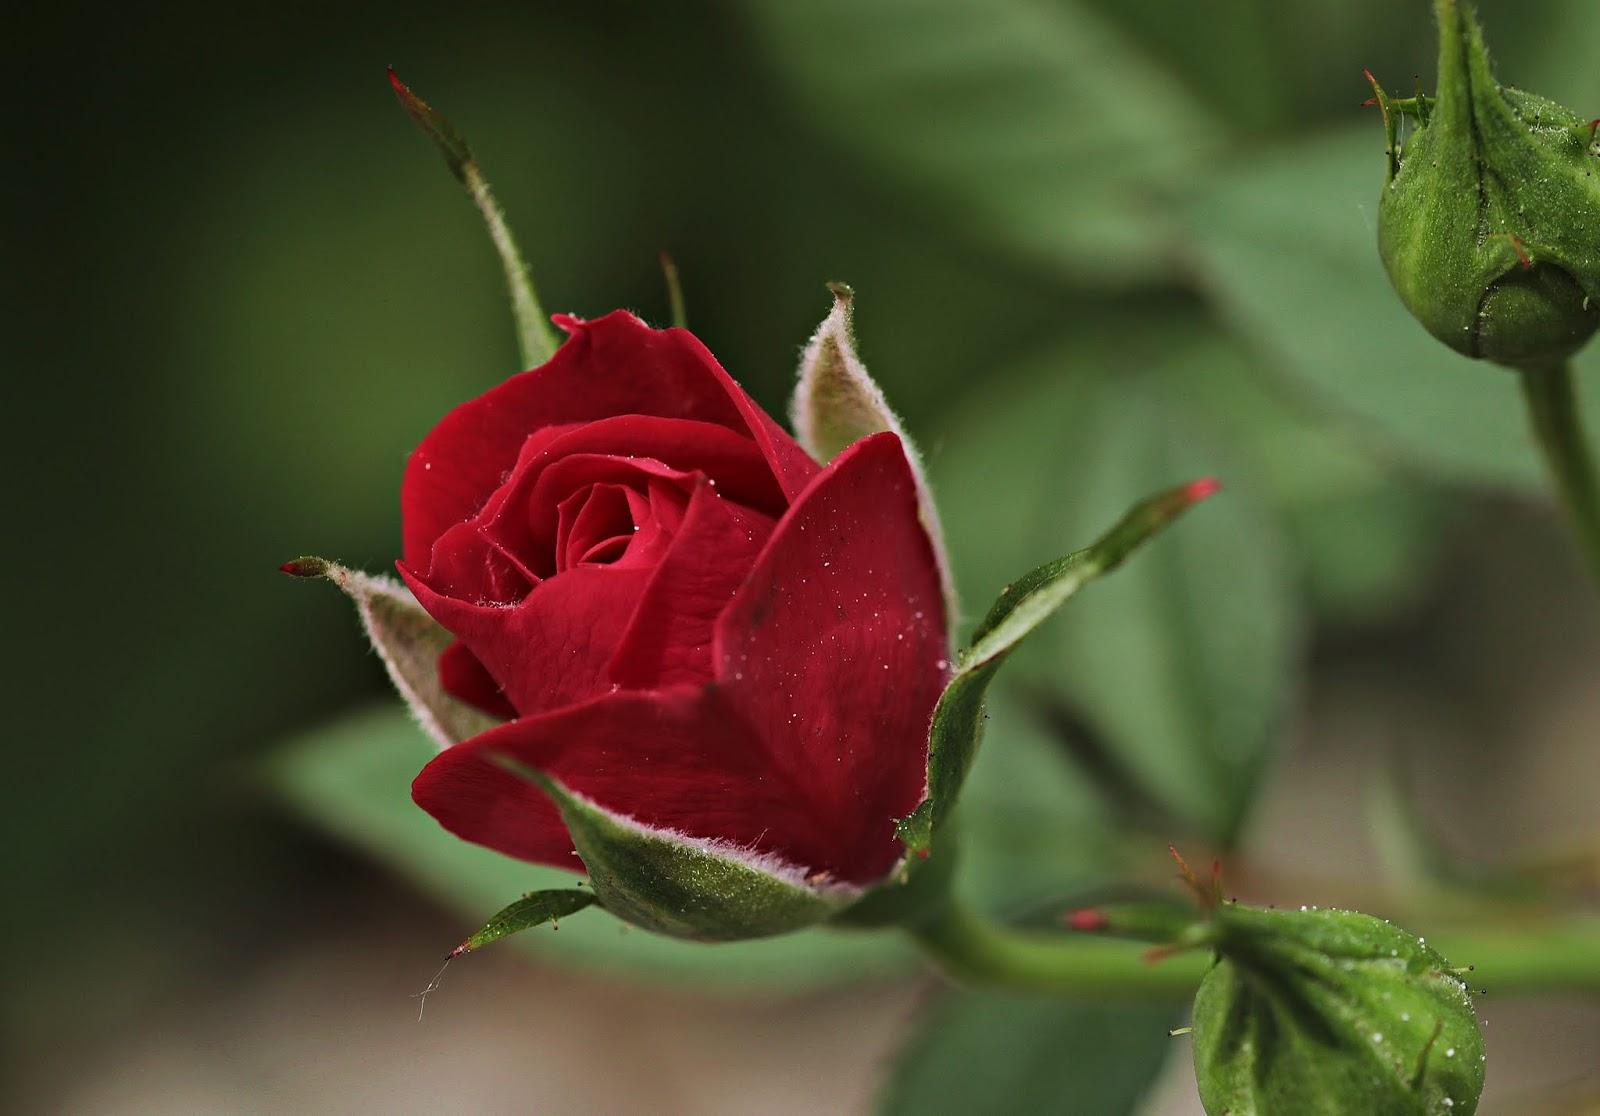 gambar bunga mawar dan maknanya